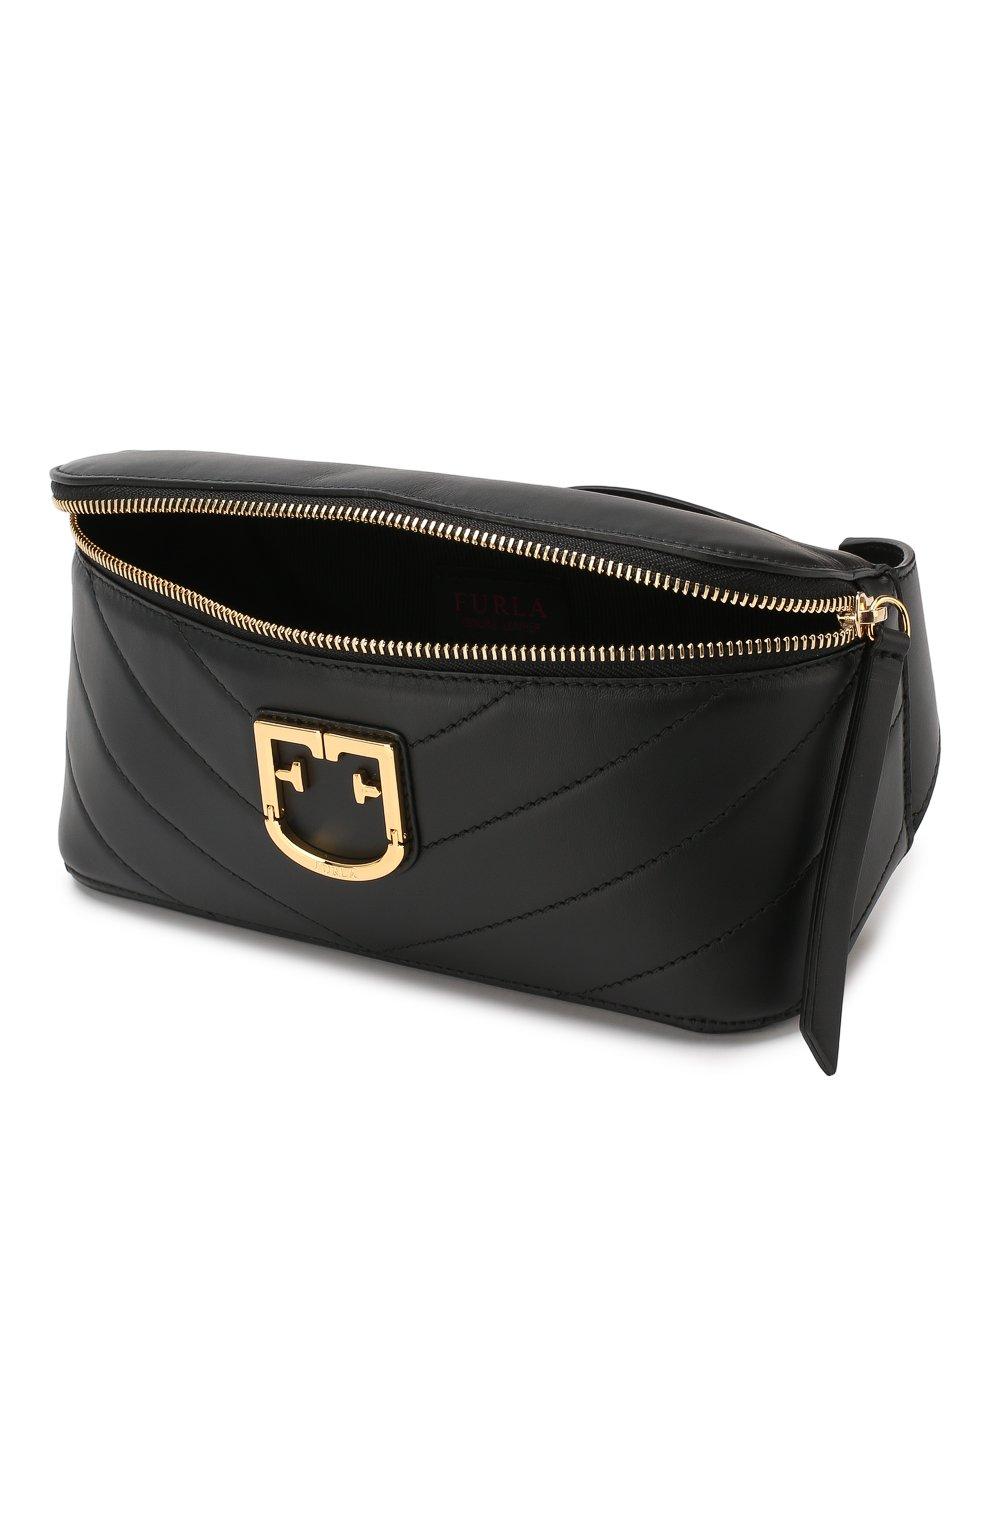 fa0e74ba3bd6 Женская черная поясная сумка isola FURLA — купить за 25000 руб. в ...